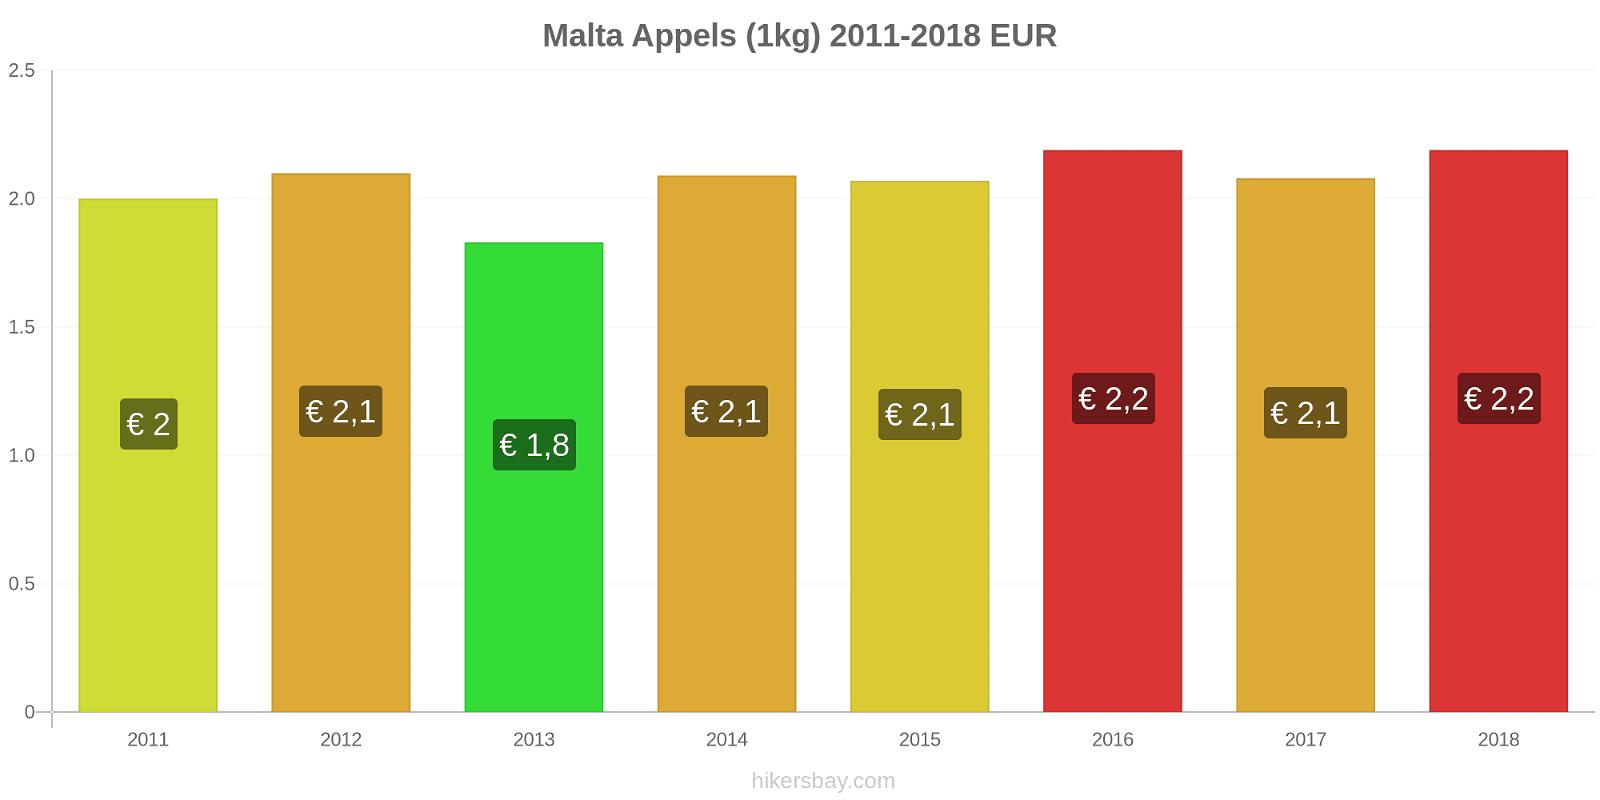 Malta prijswijzigingen Appels (1kg) hikersbay.com